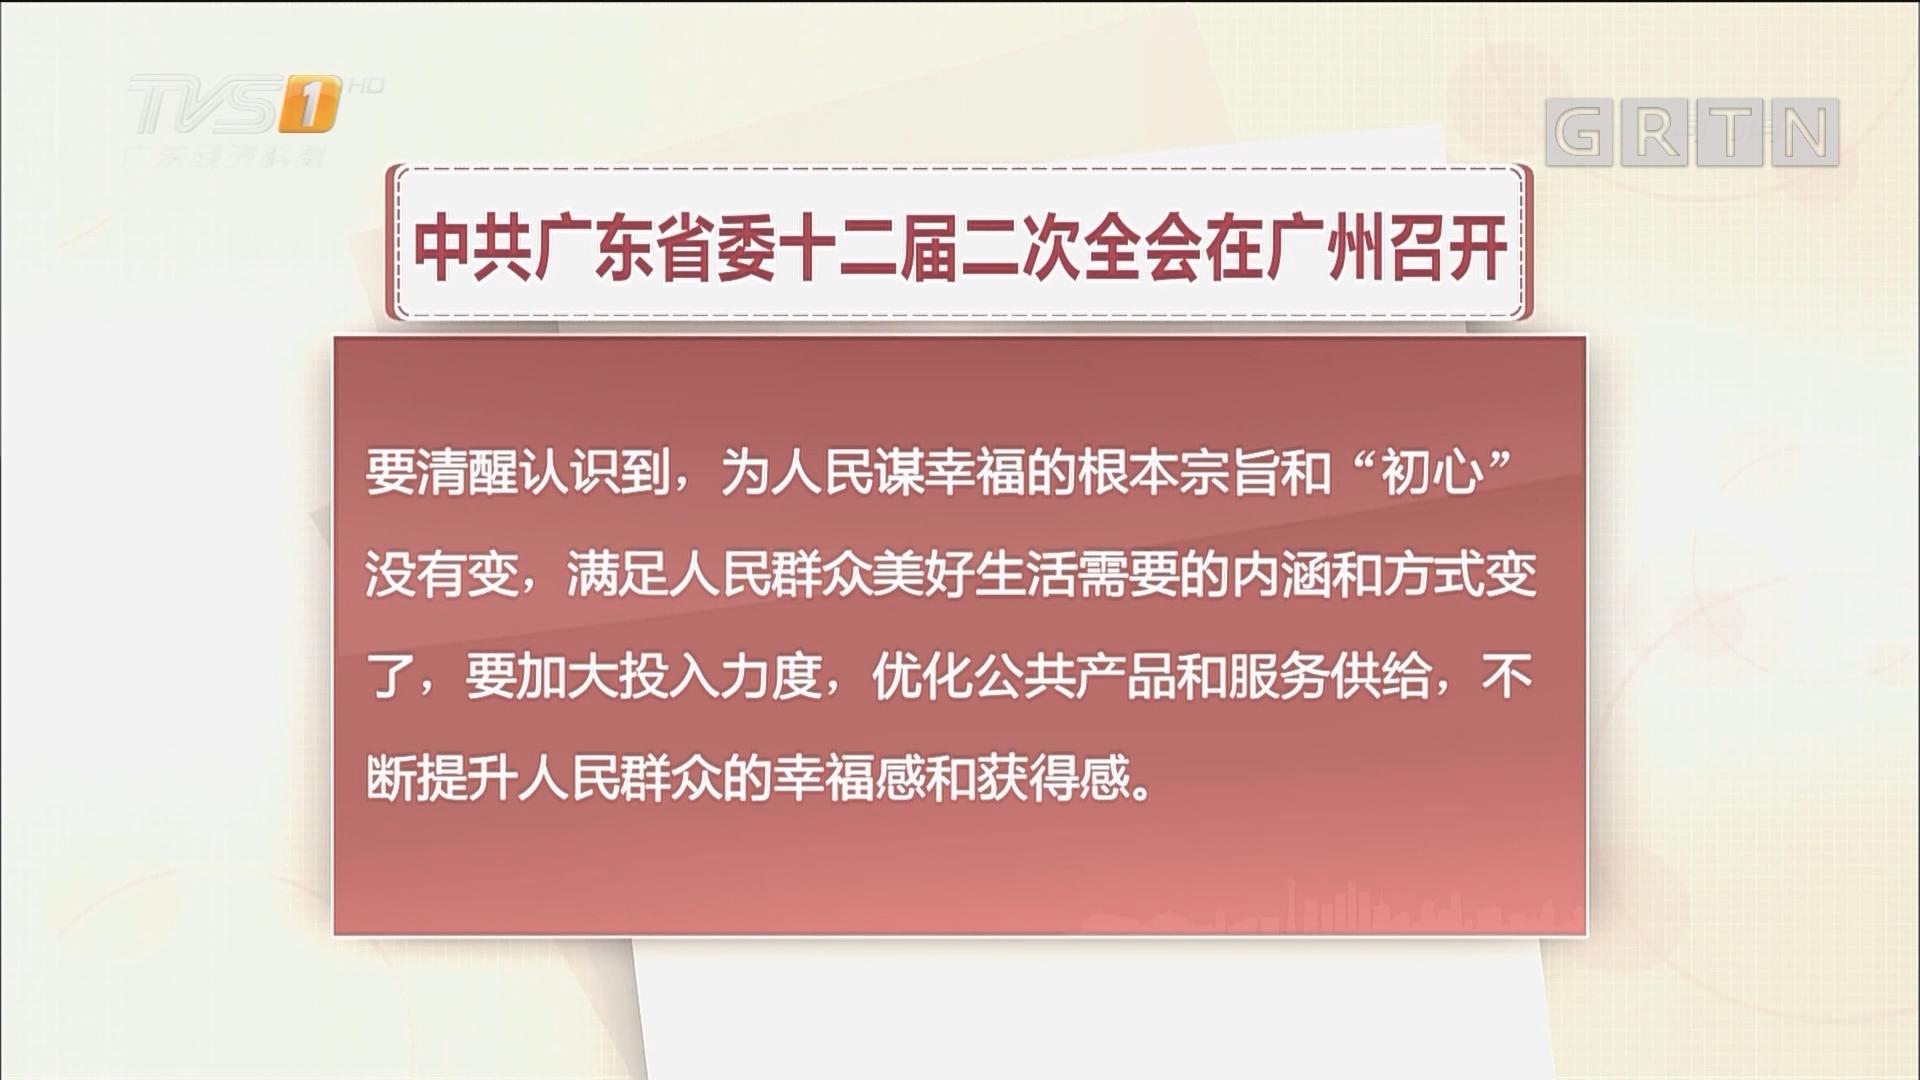 中共广东省委十二届二次全会在广州召开 李希就深入学习宣传贯彻党的十九大精神作专题讲话